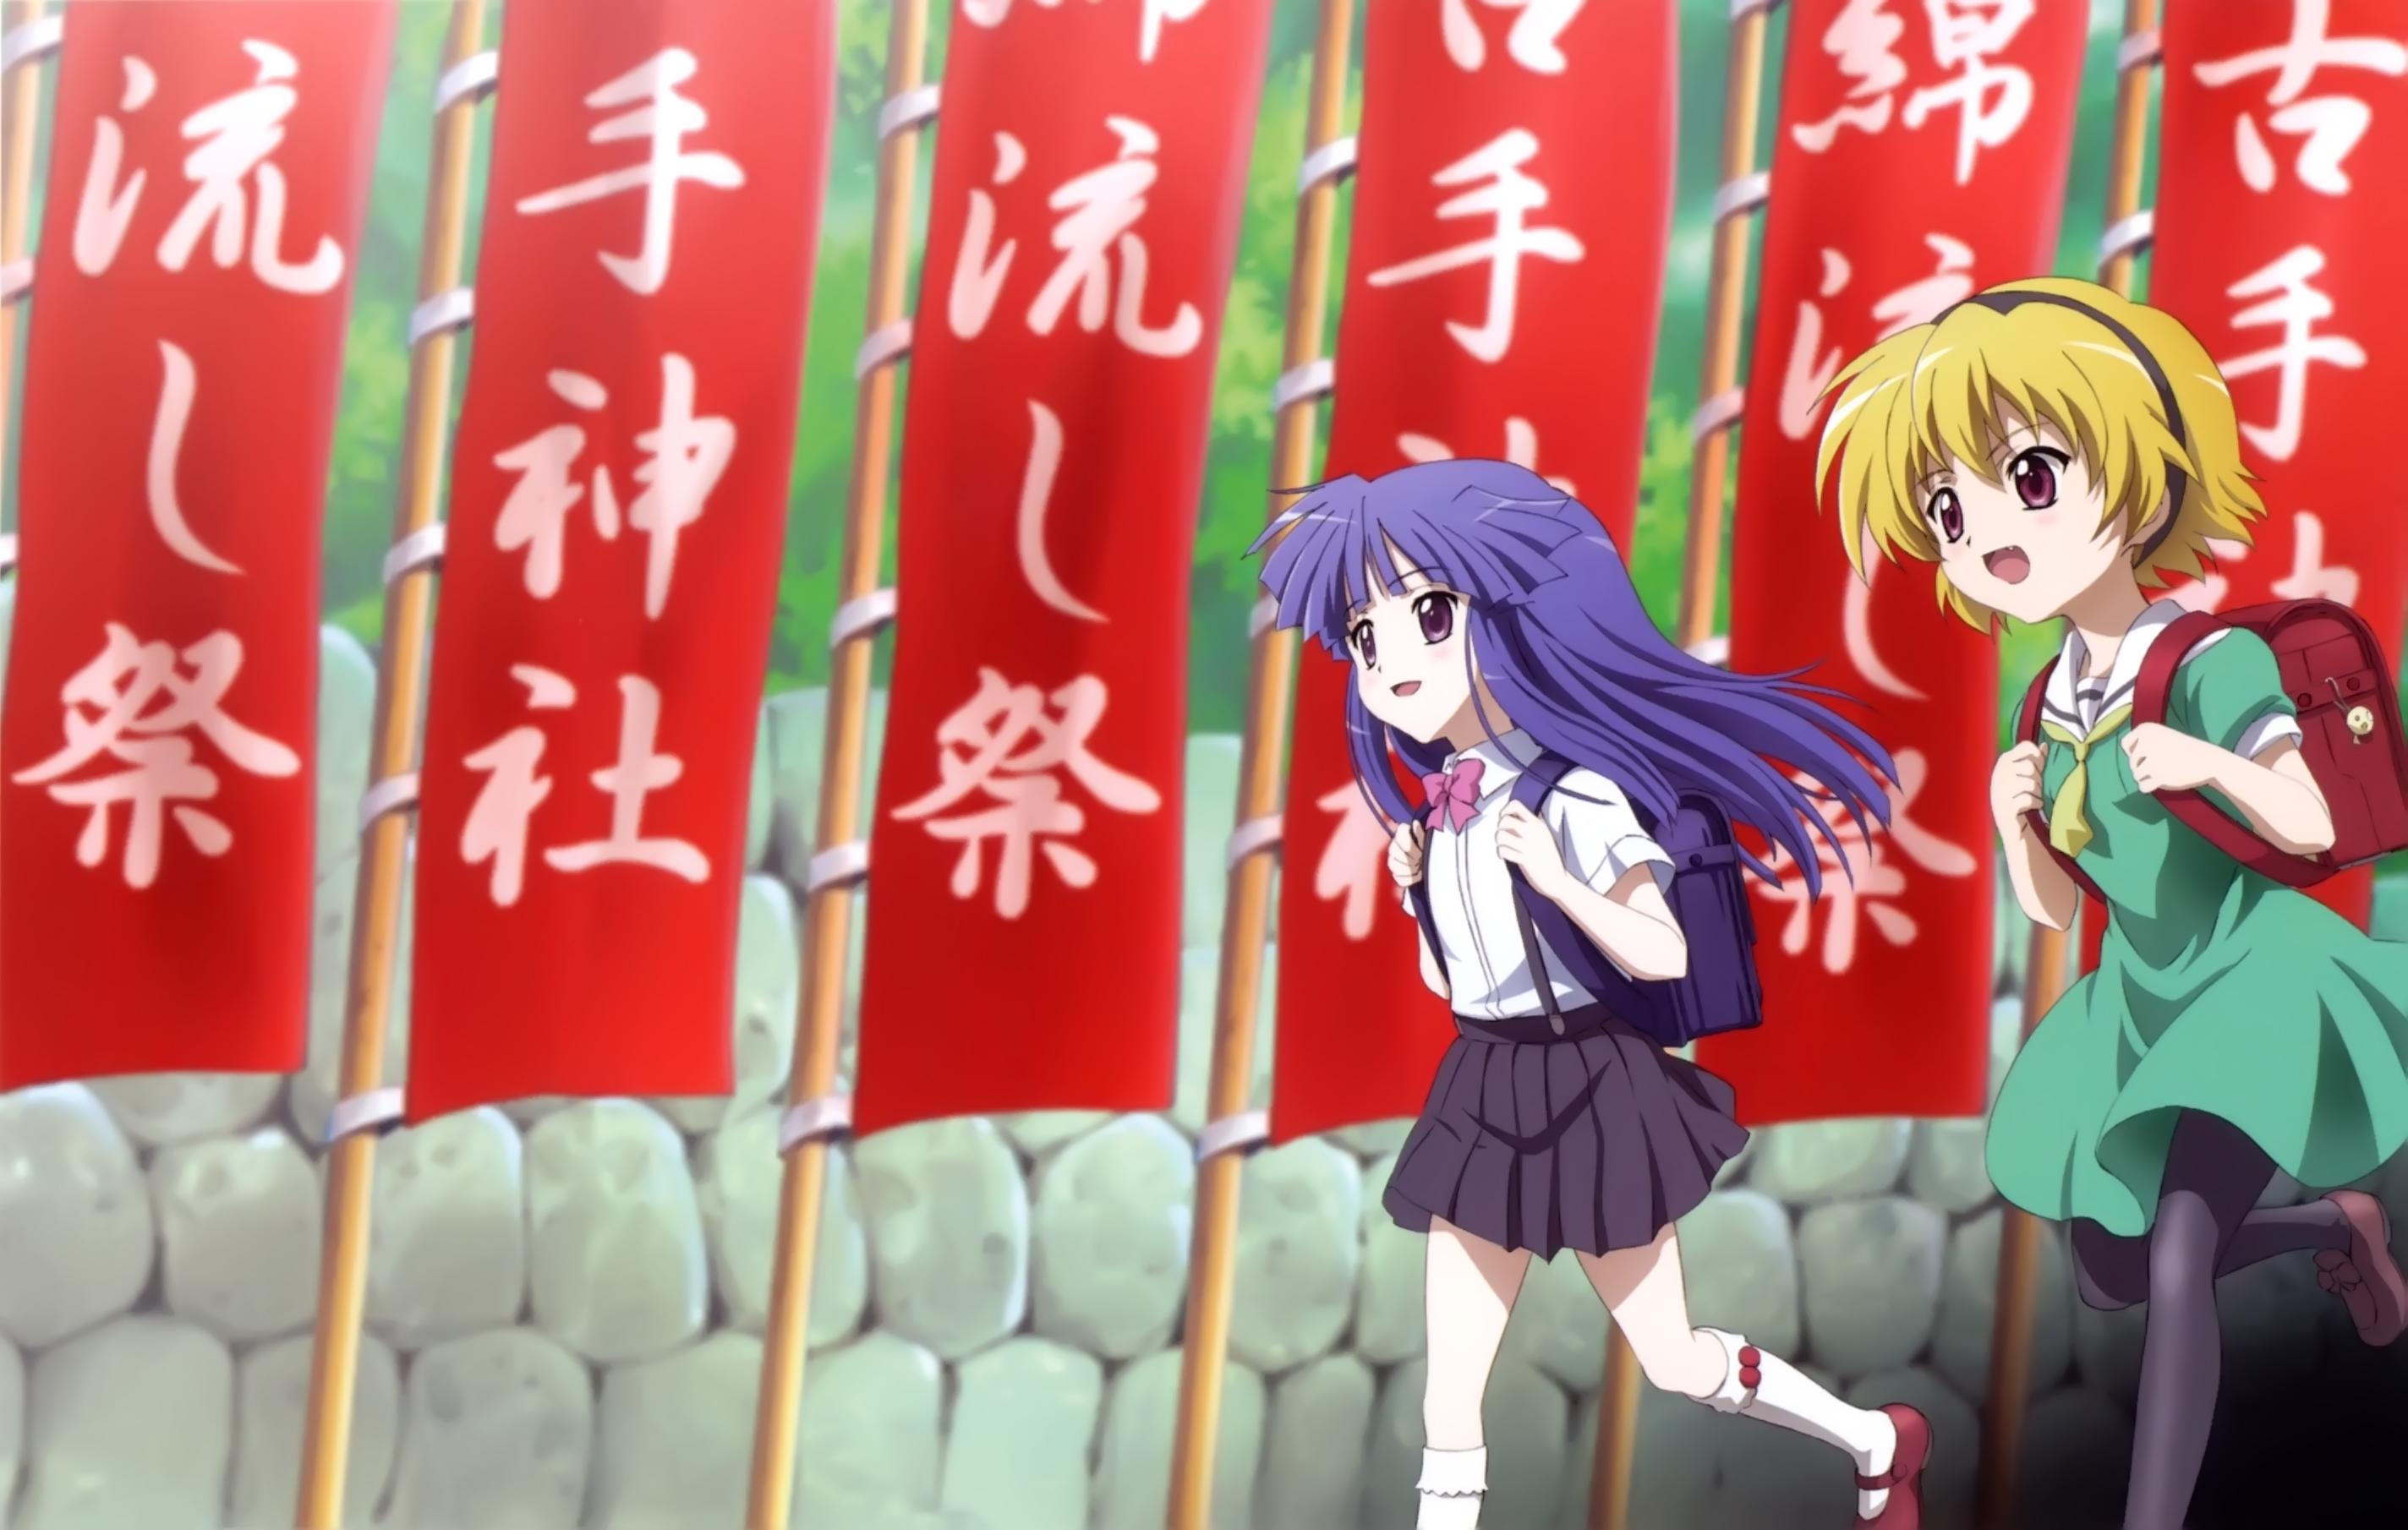 Higurashi No Naku Koro Ni When They Cry Wallpaper 274149 Zerochan Anime Image Board